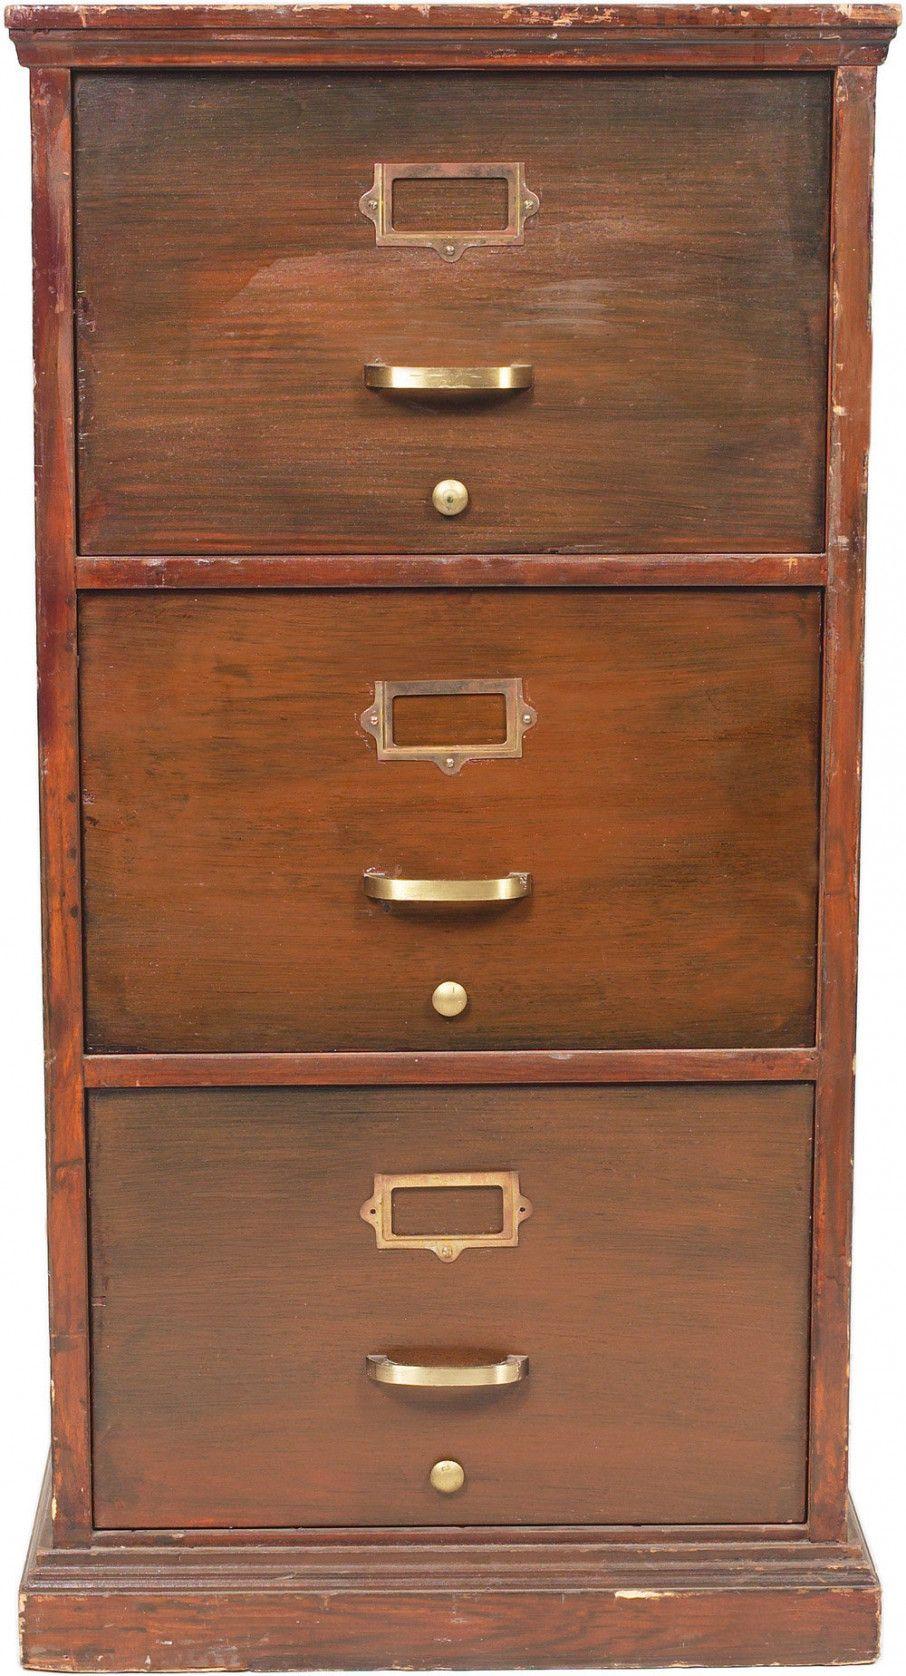 55 Vintage Wooden Filing Cabinet